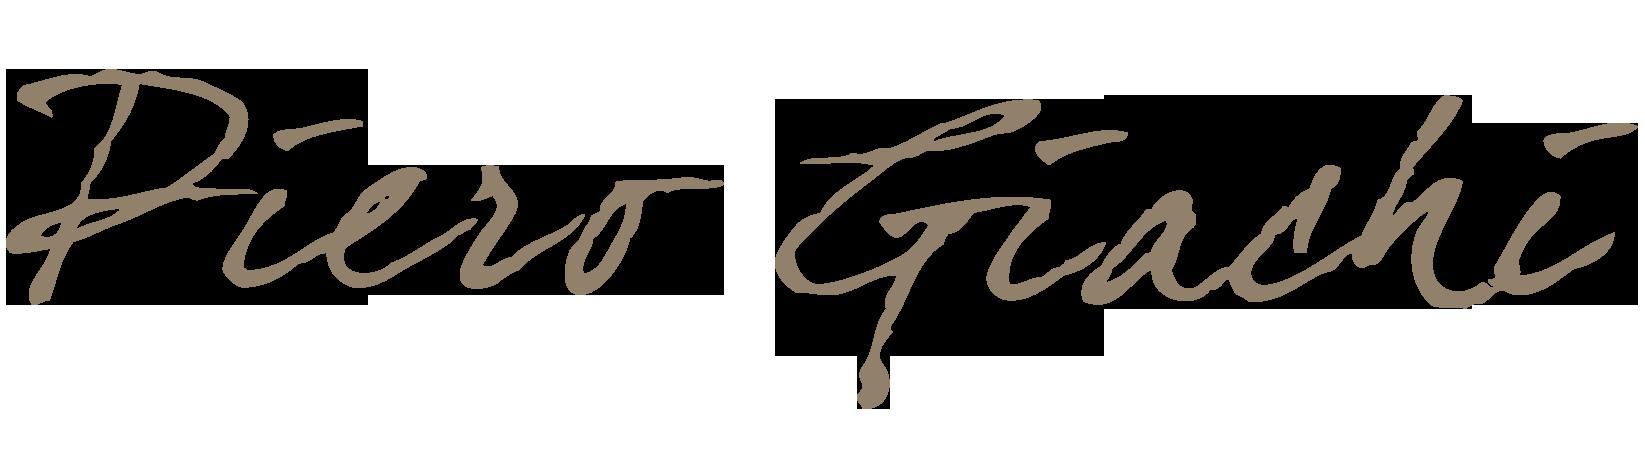 Piero Giachi Collection